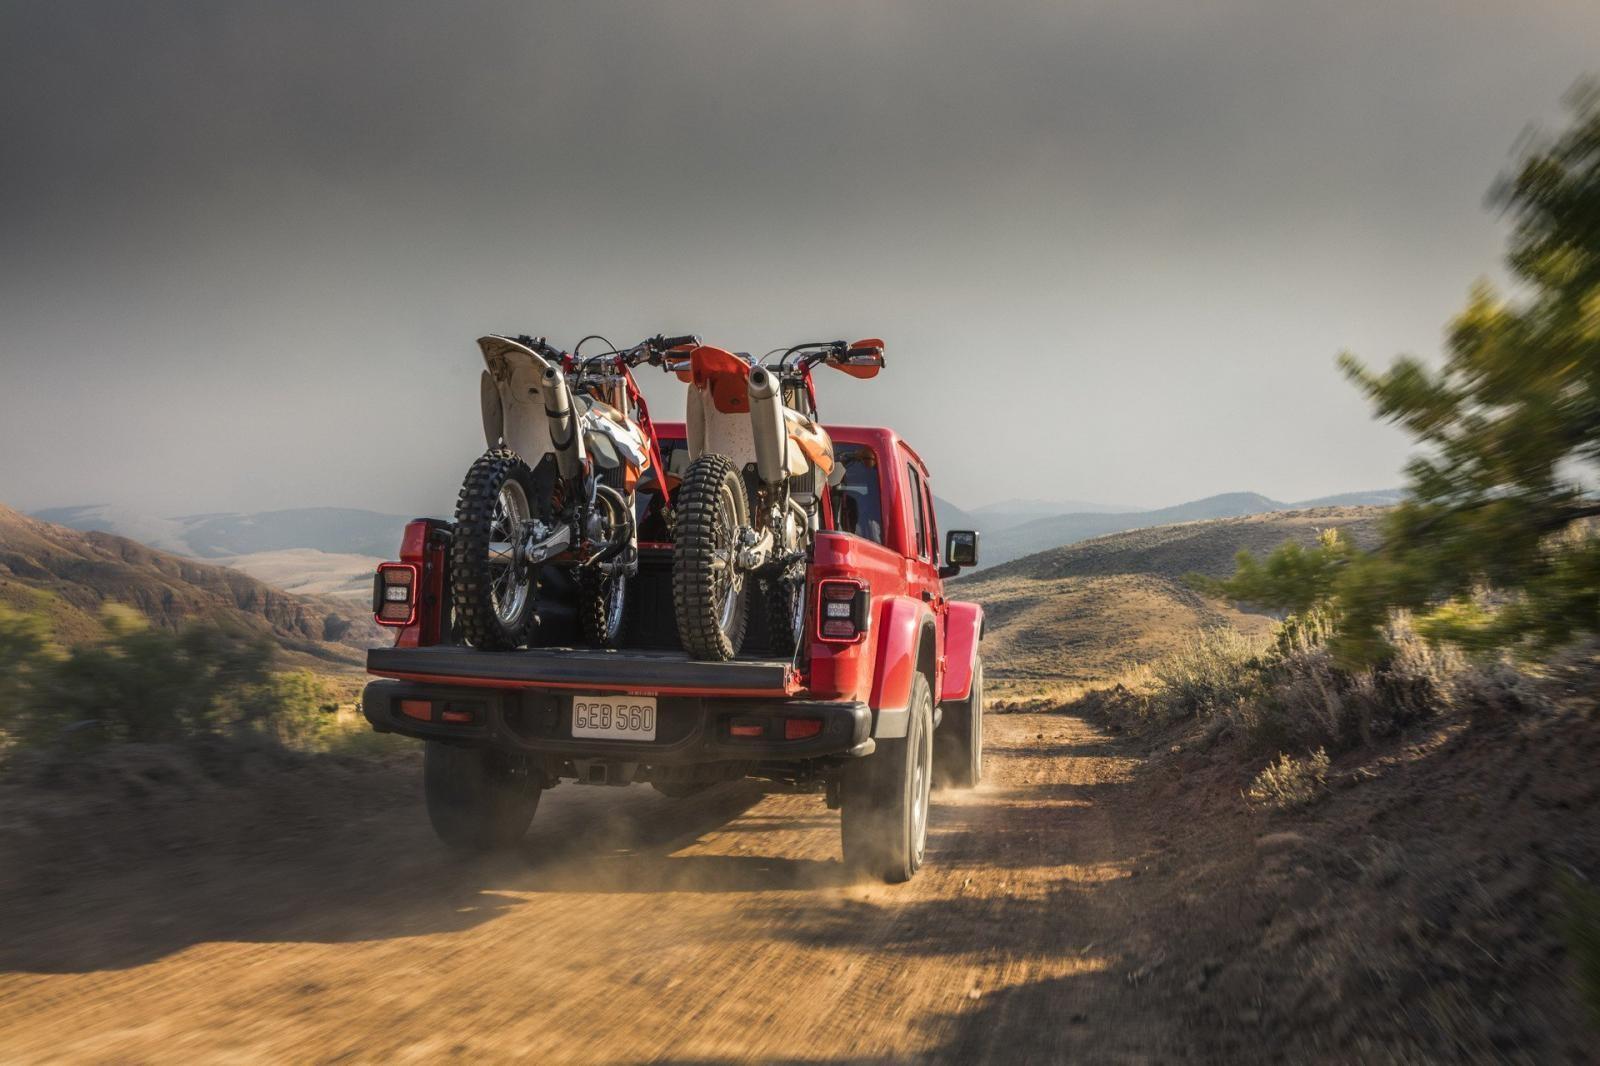 Jeep Gladiator Rubicorn sở hữu một số trang bị giúp nâng cao khả năng offroad